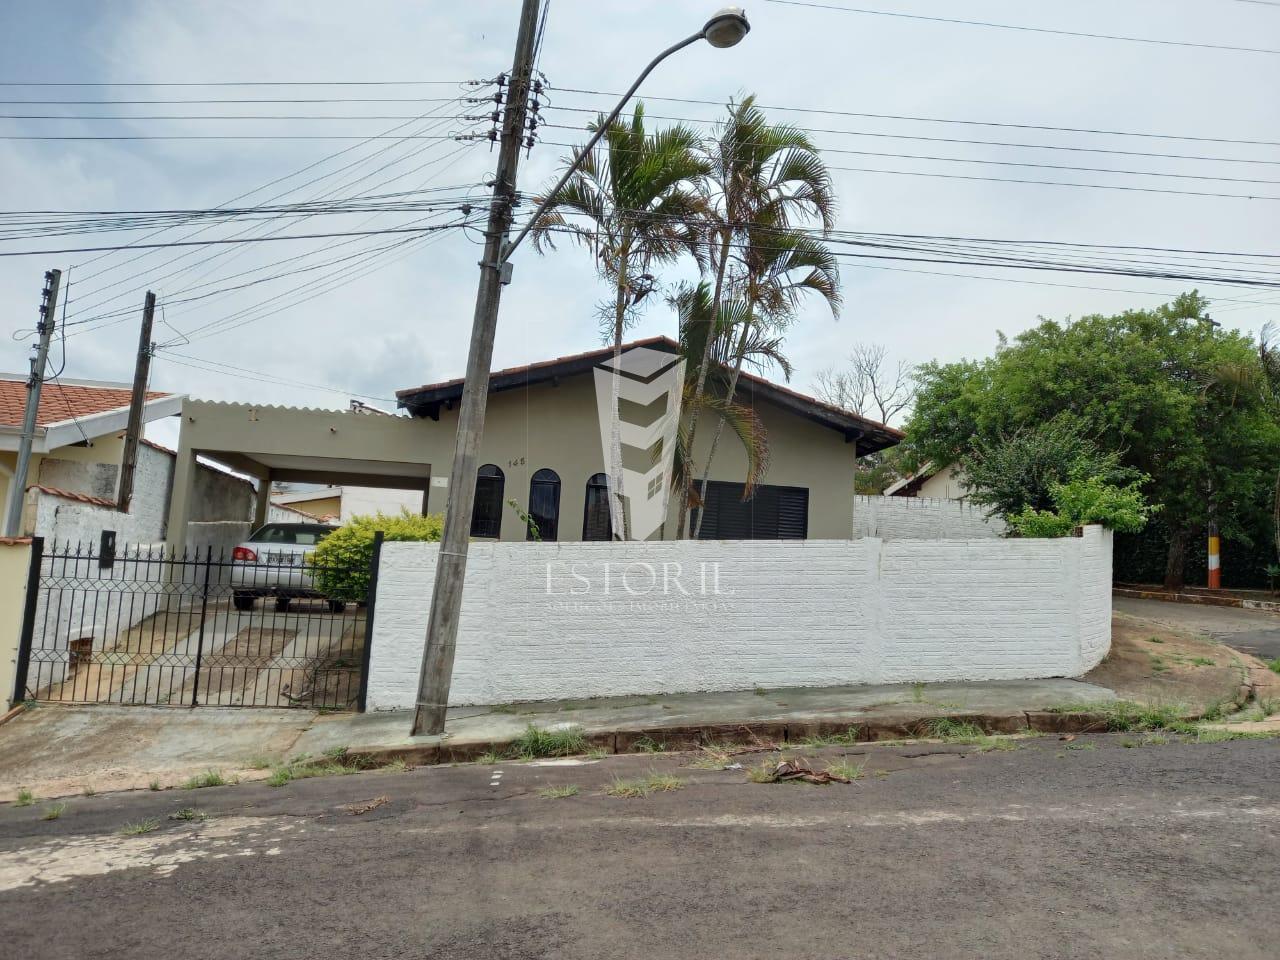 Casa com 2 dormitórios à venda, MORADA DO SOL, AVARE - SP